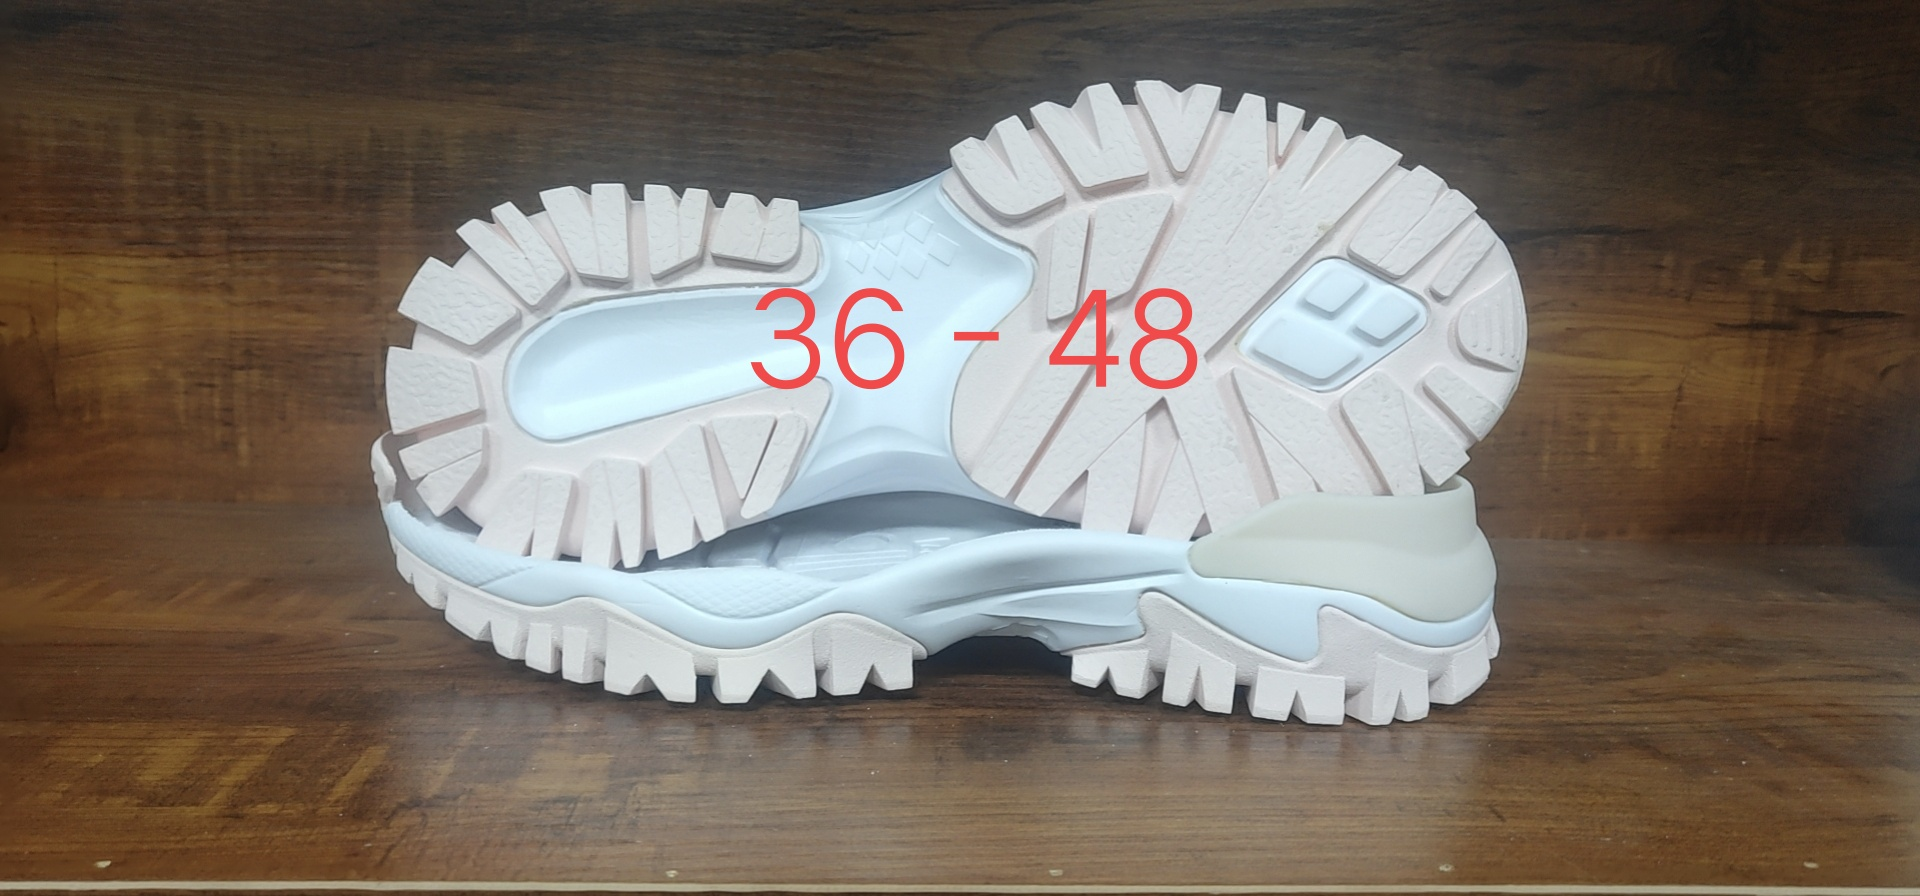 鞋底鞋跟 TPU MD RB 男段 女段 36-48 休闲户外鞋底